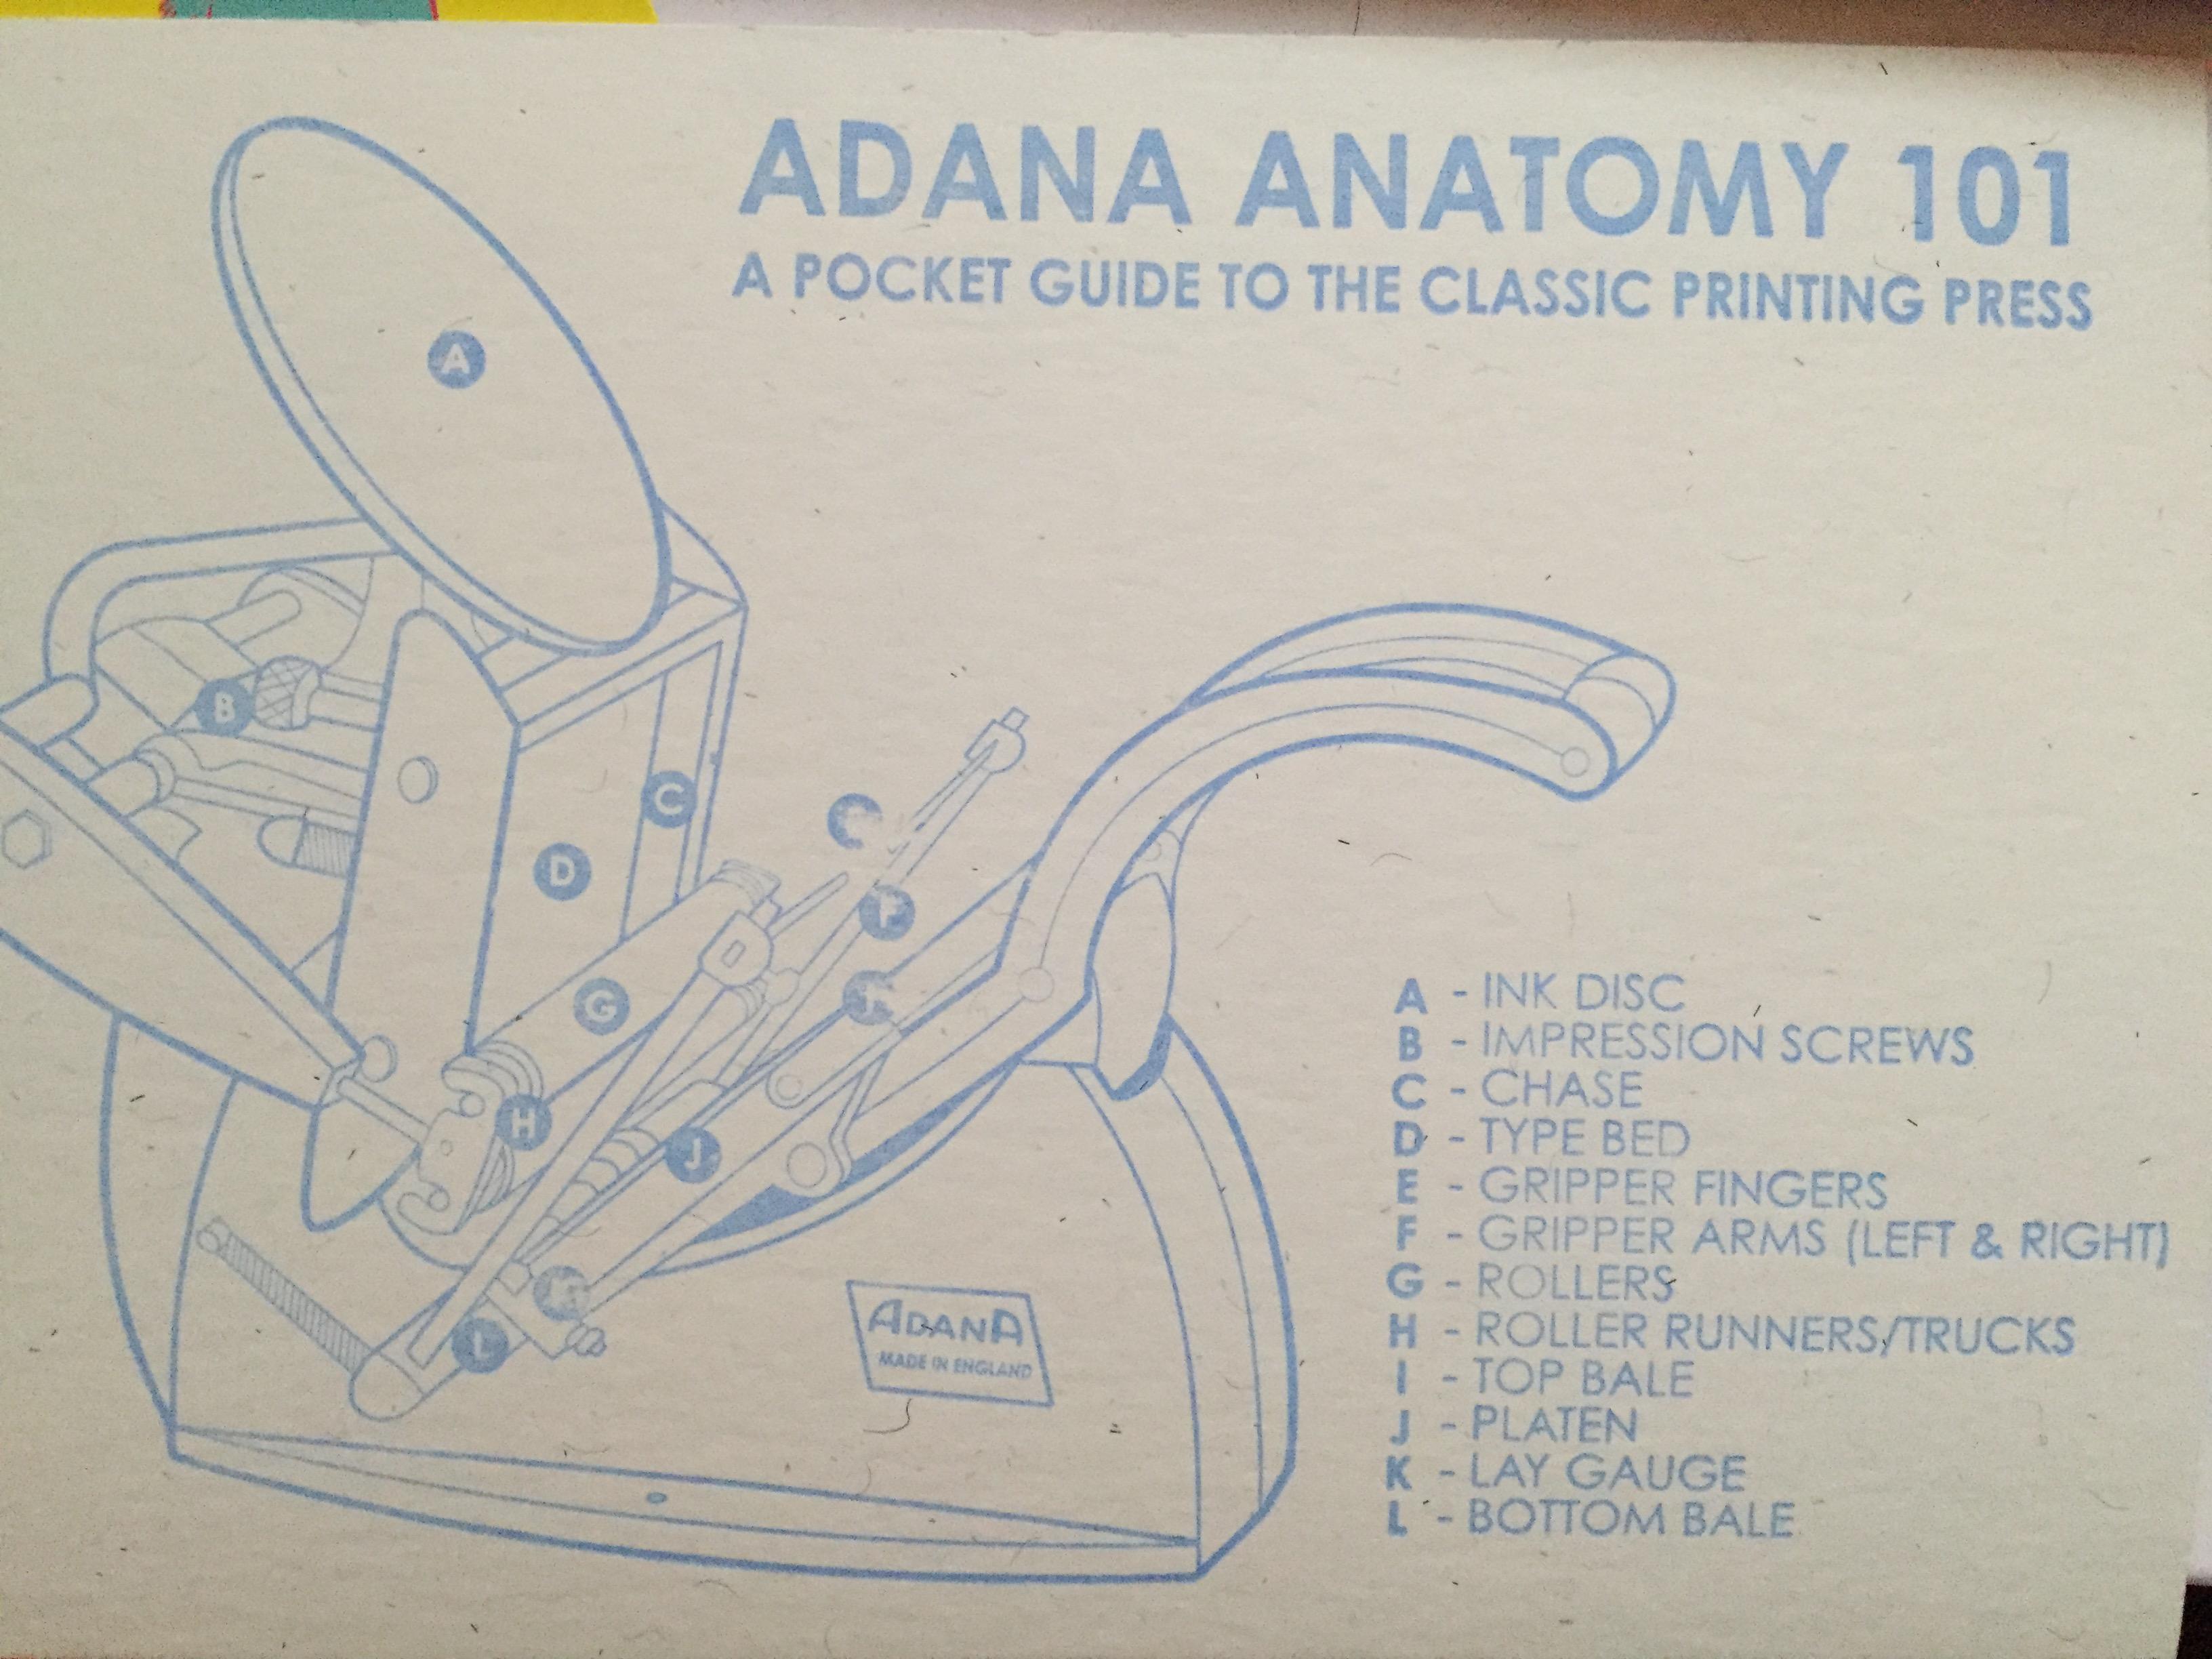 Adana Anatomy